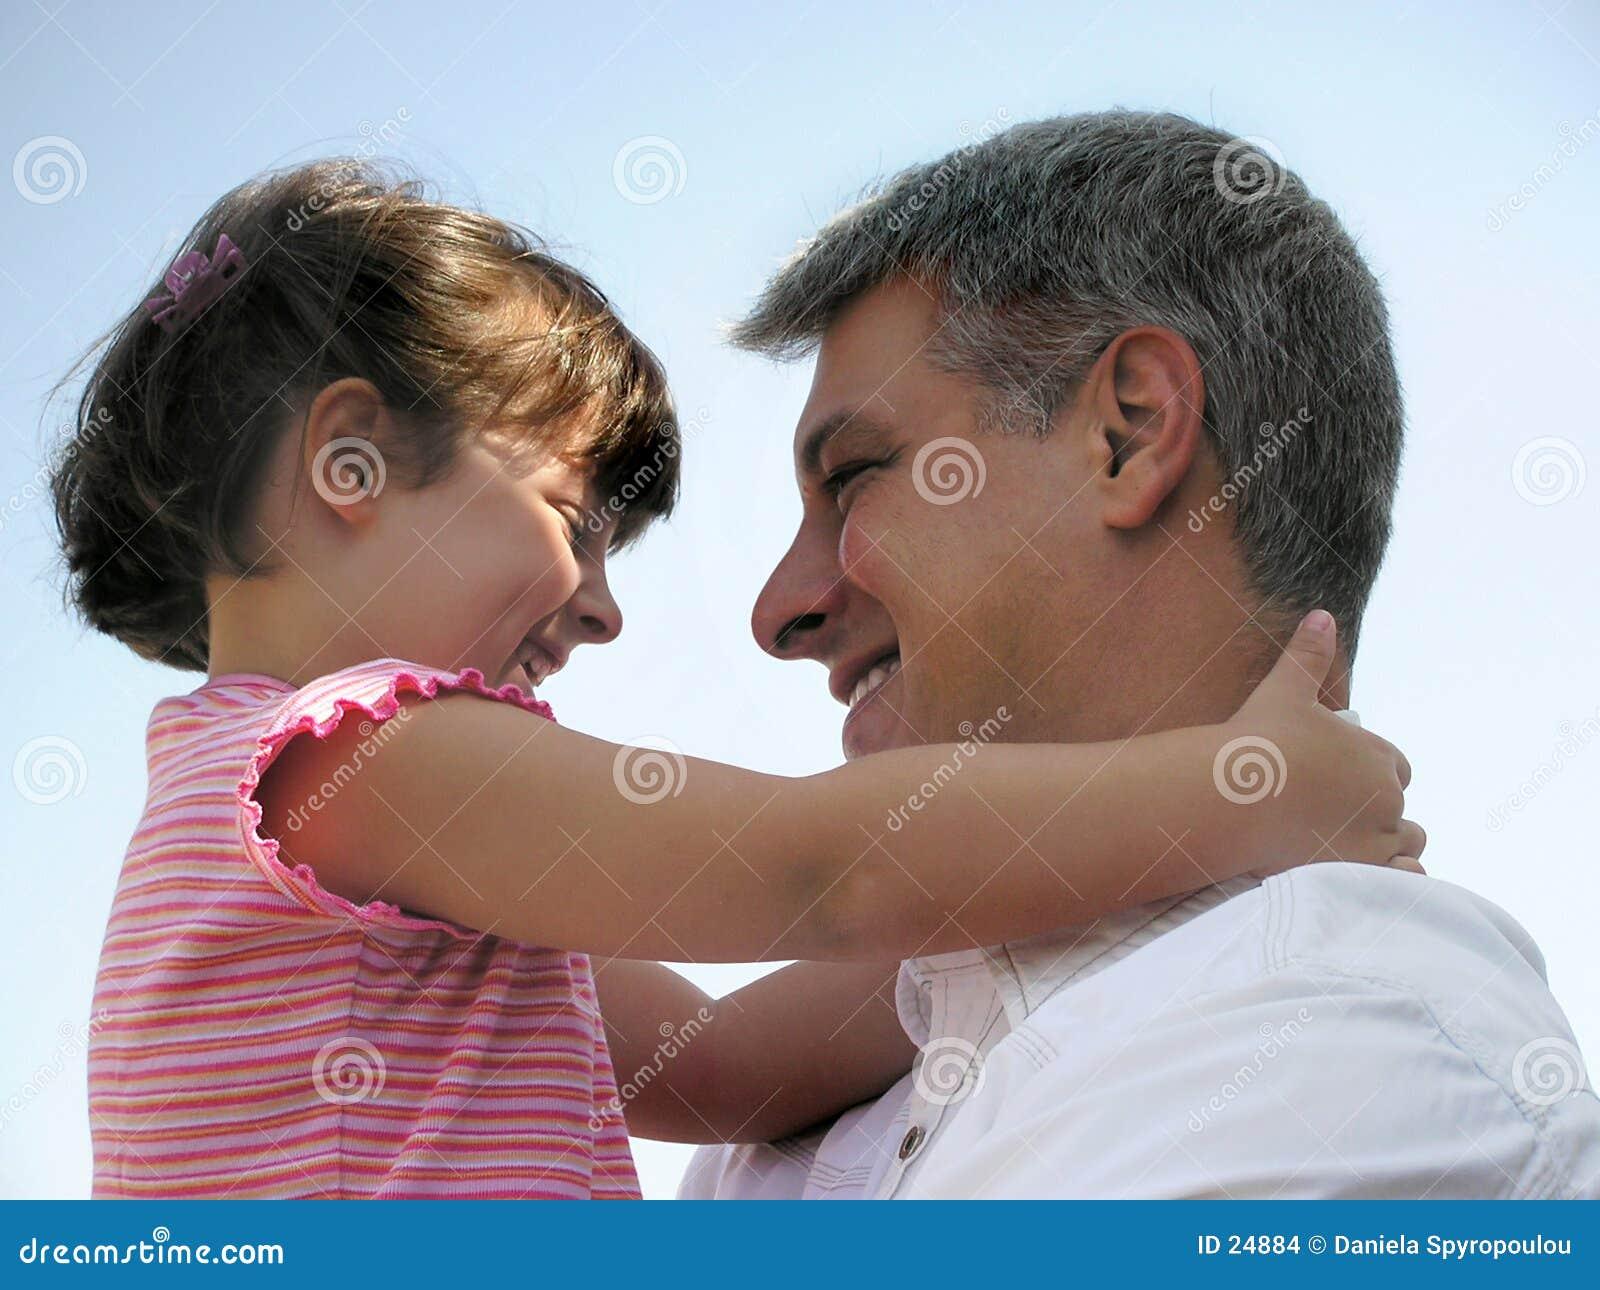 Сын и мать любовники в тайне от отца, Сын и мама в тайне о отца стали Любовниками 25 фотография